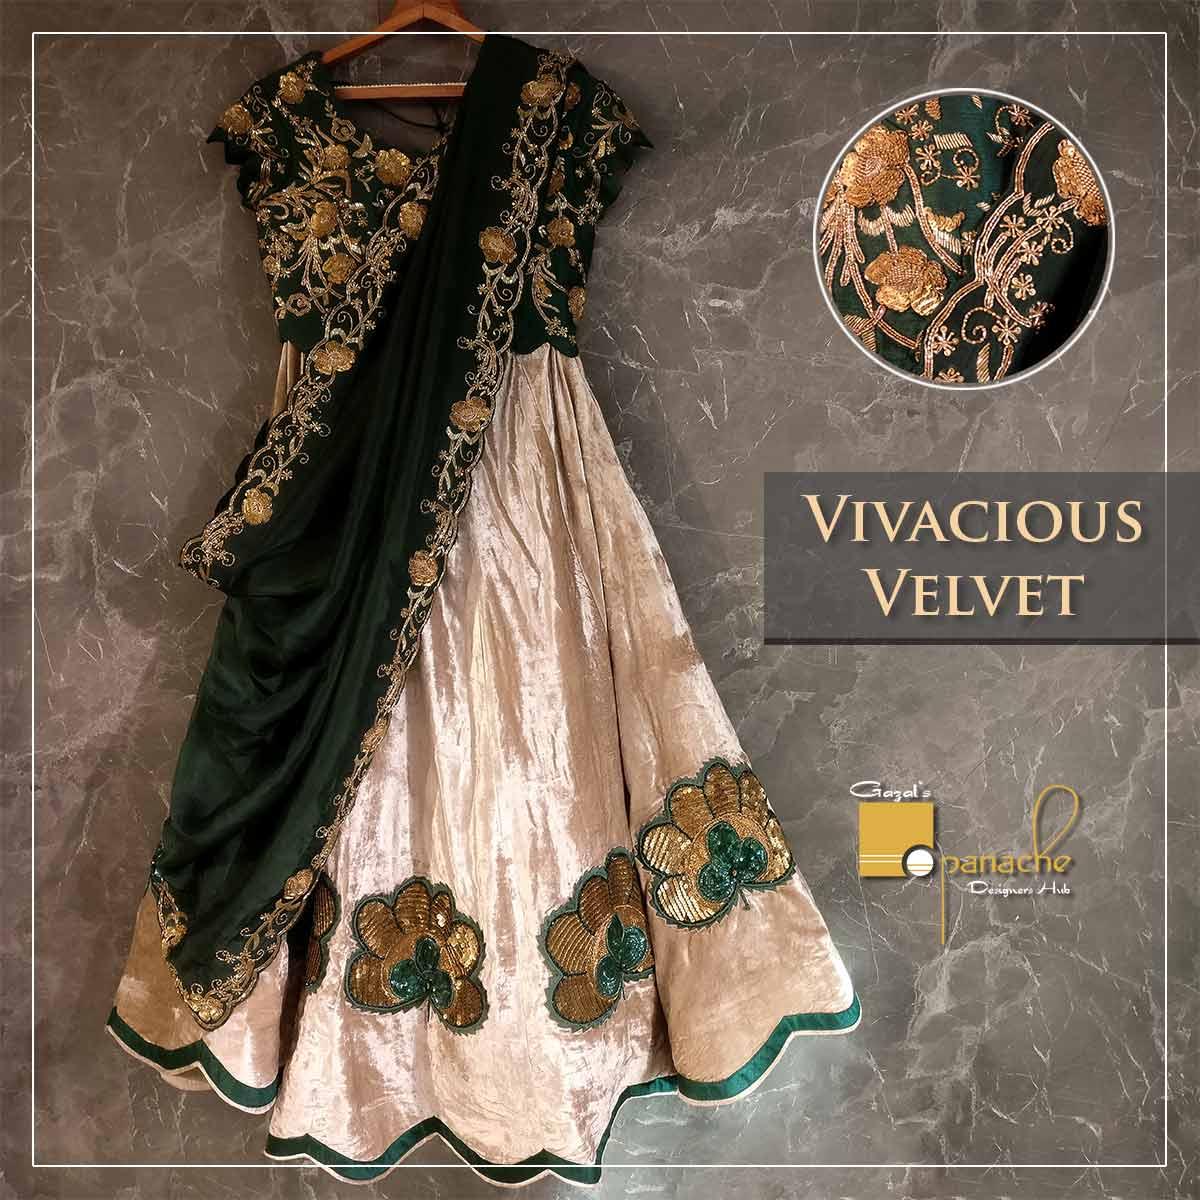 Vivacious velvet